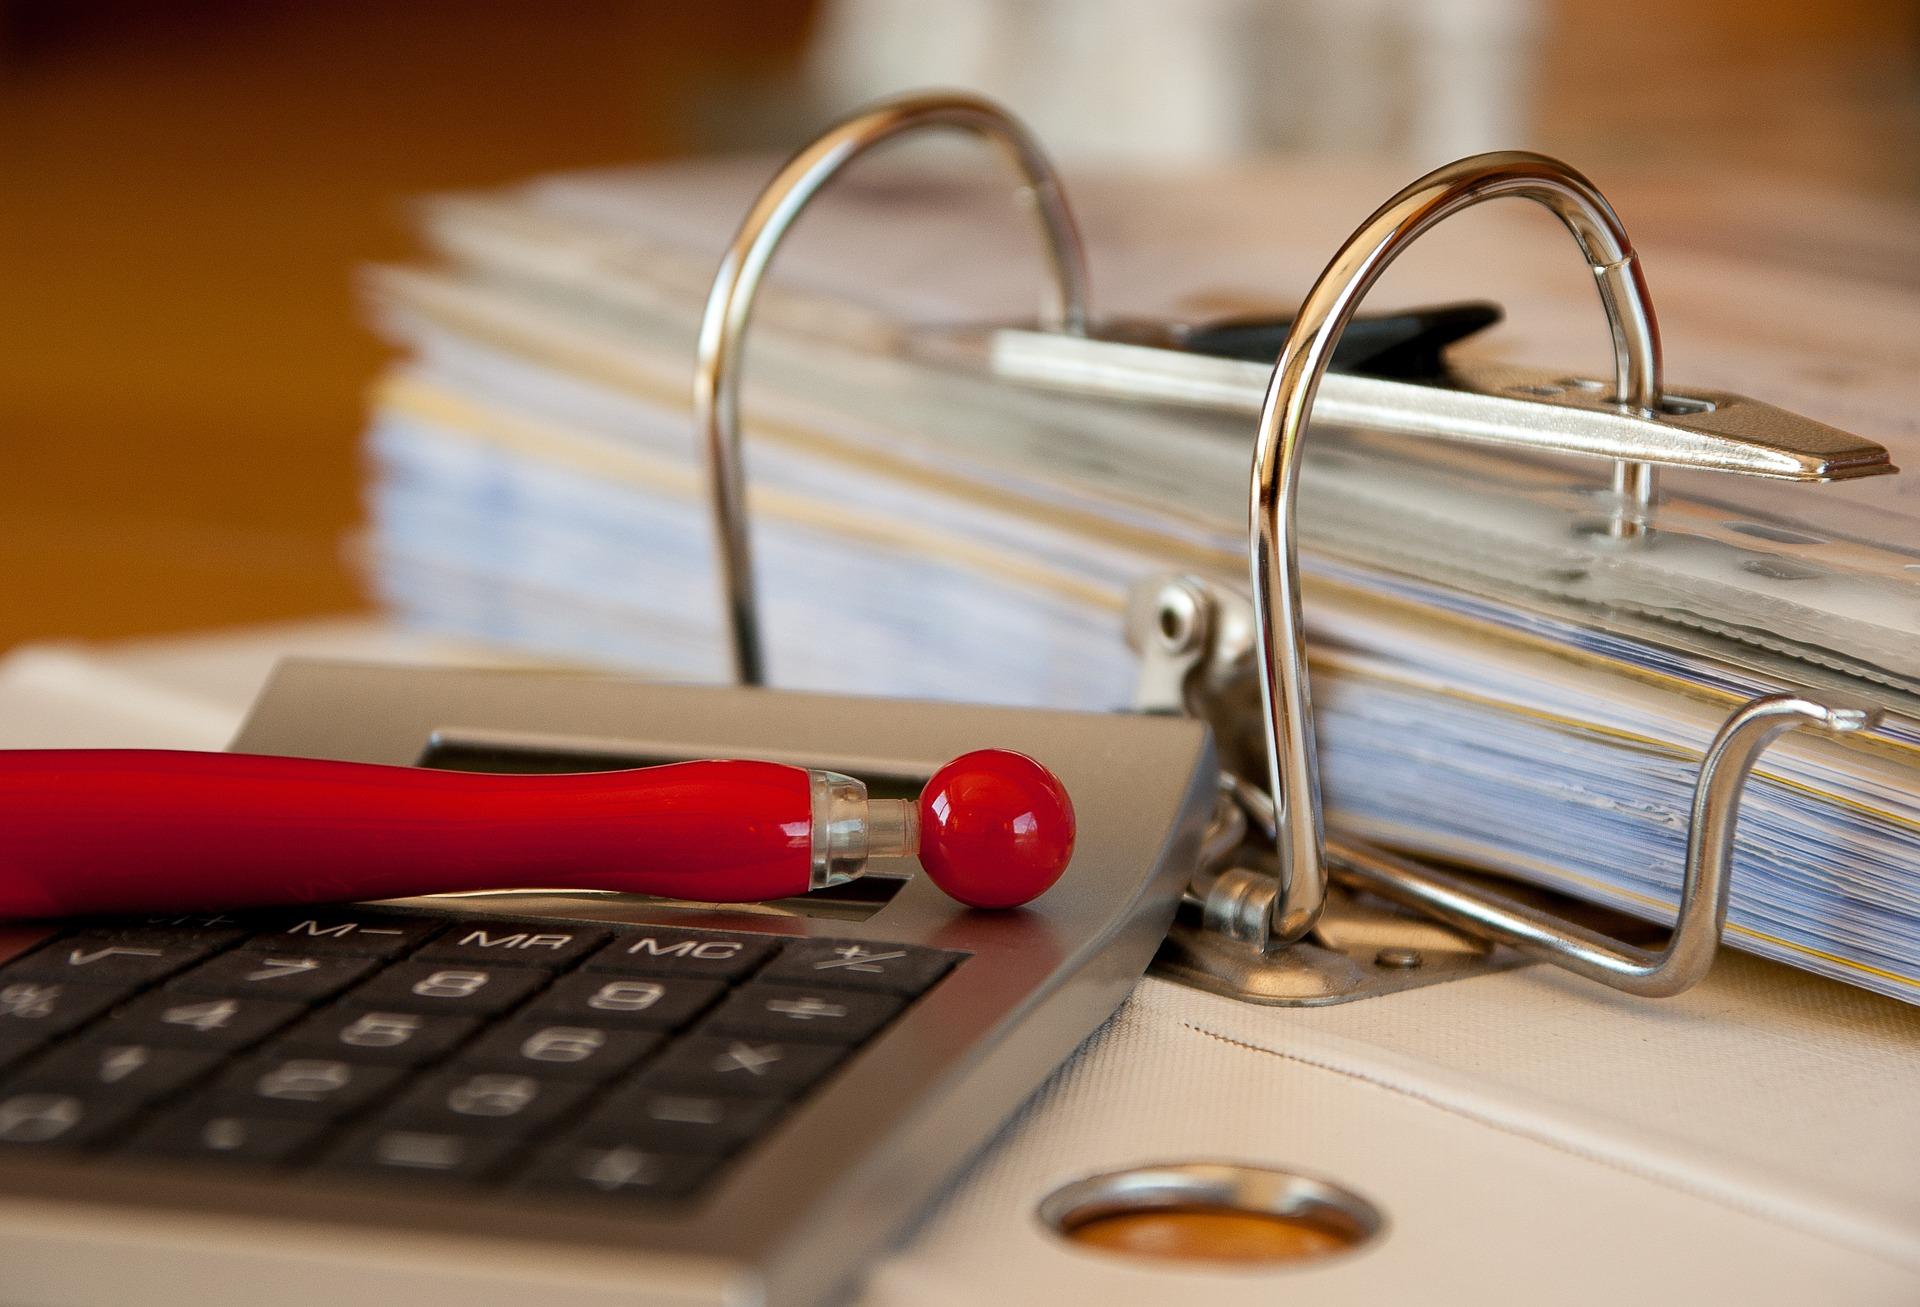 Změna banky může být provedena i bez zbytečného papírování